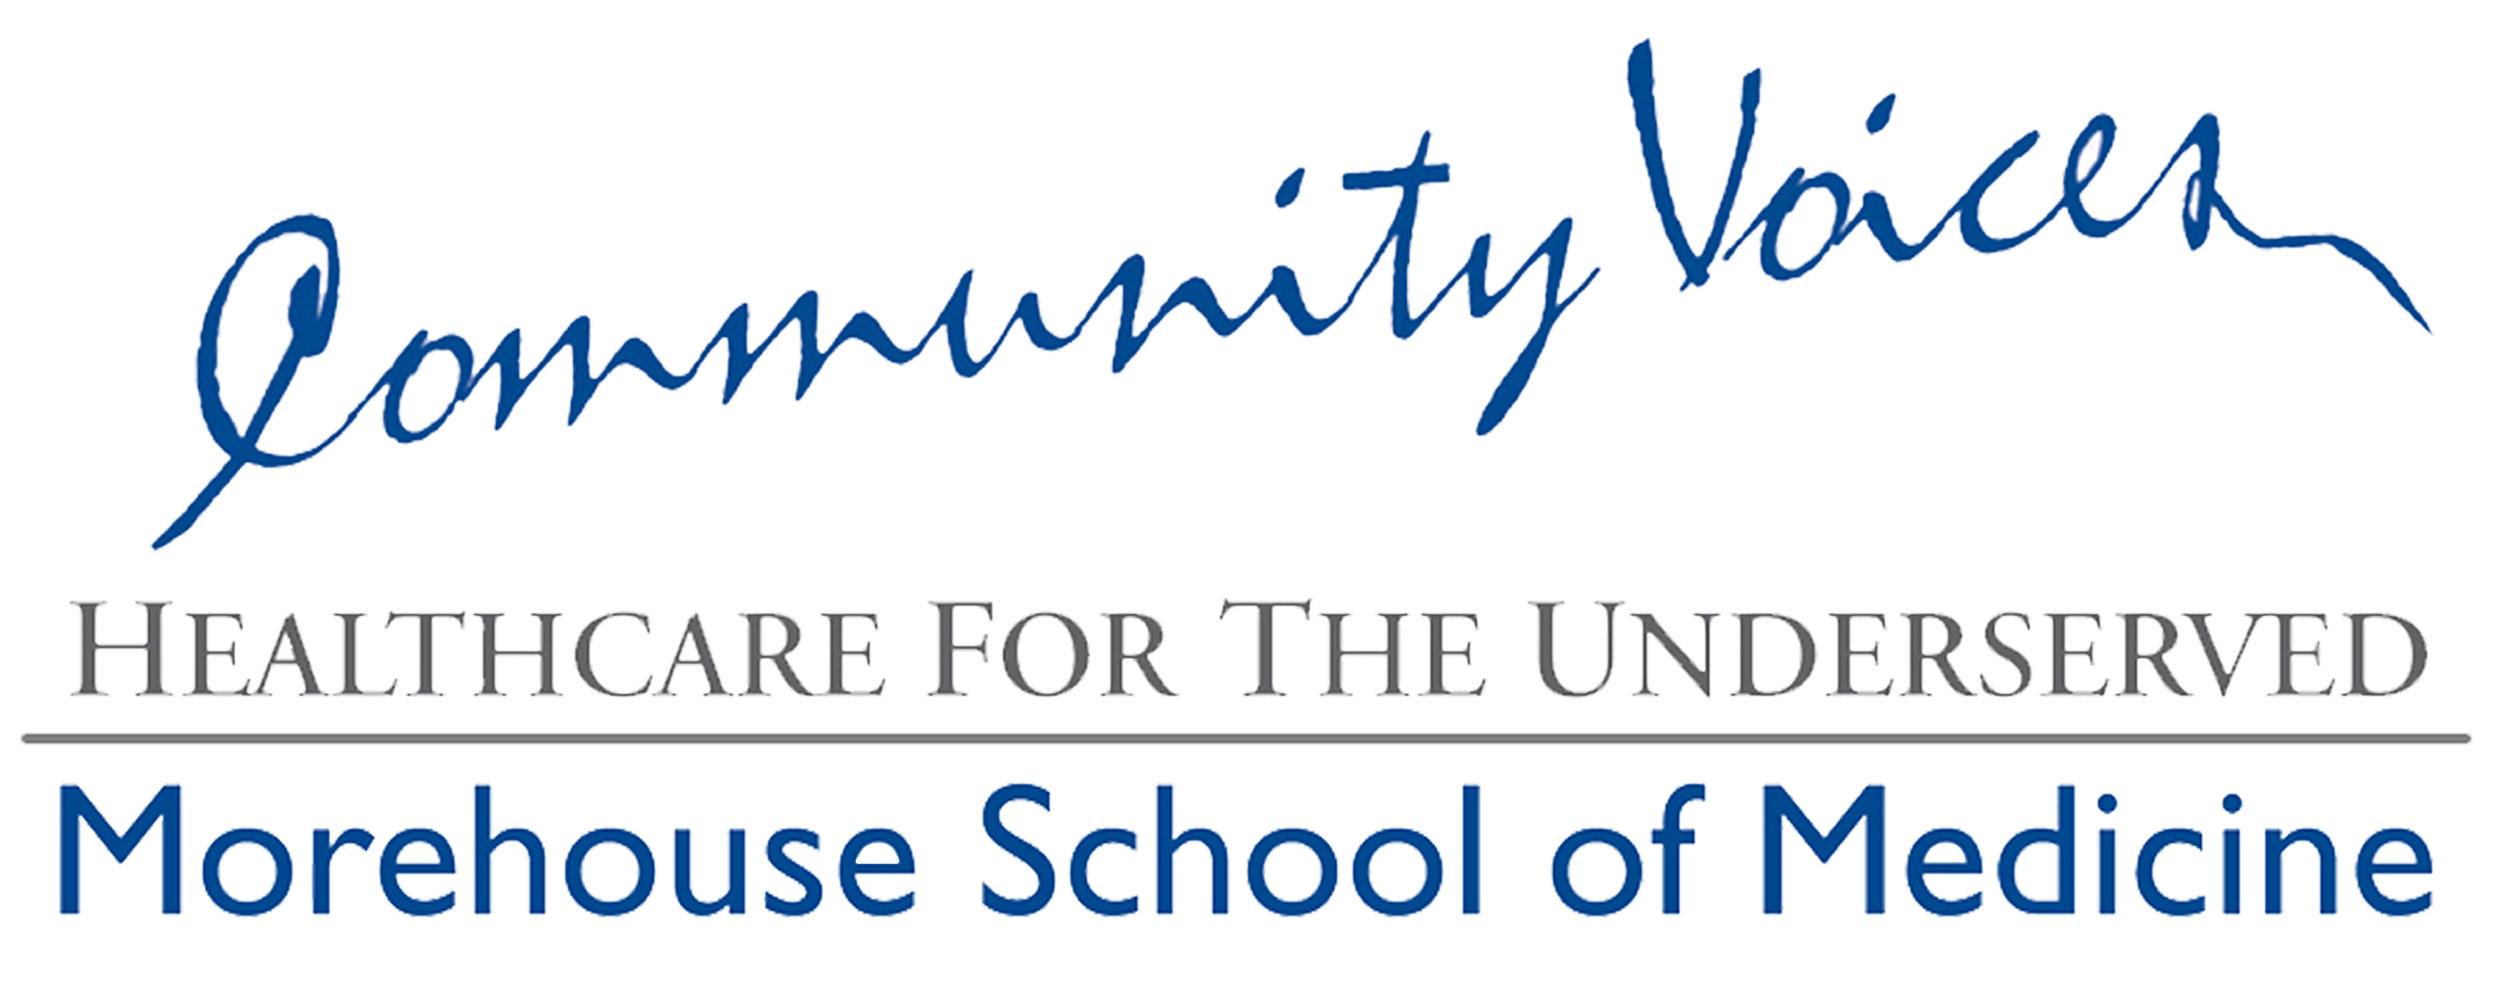 2010 CV SHLI Logo.jpg